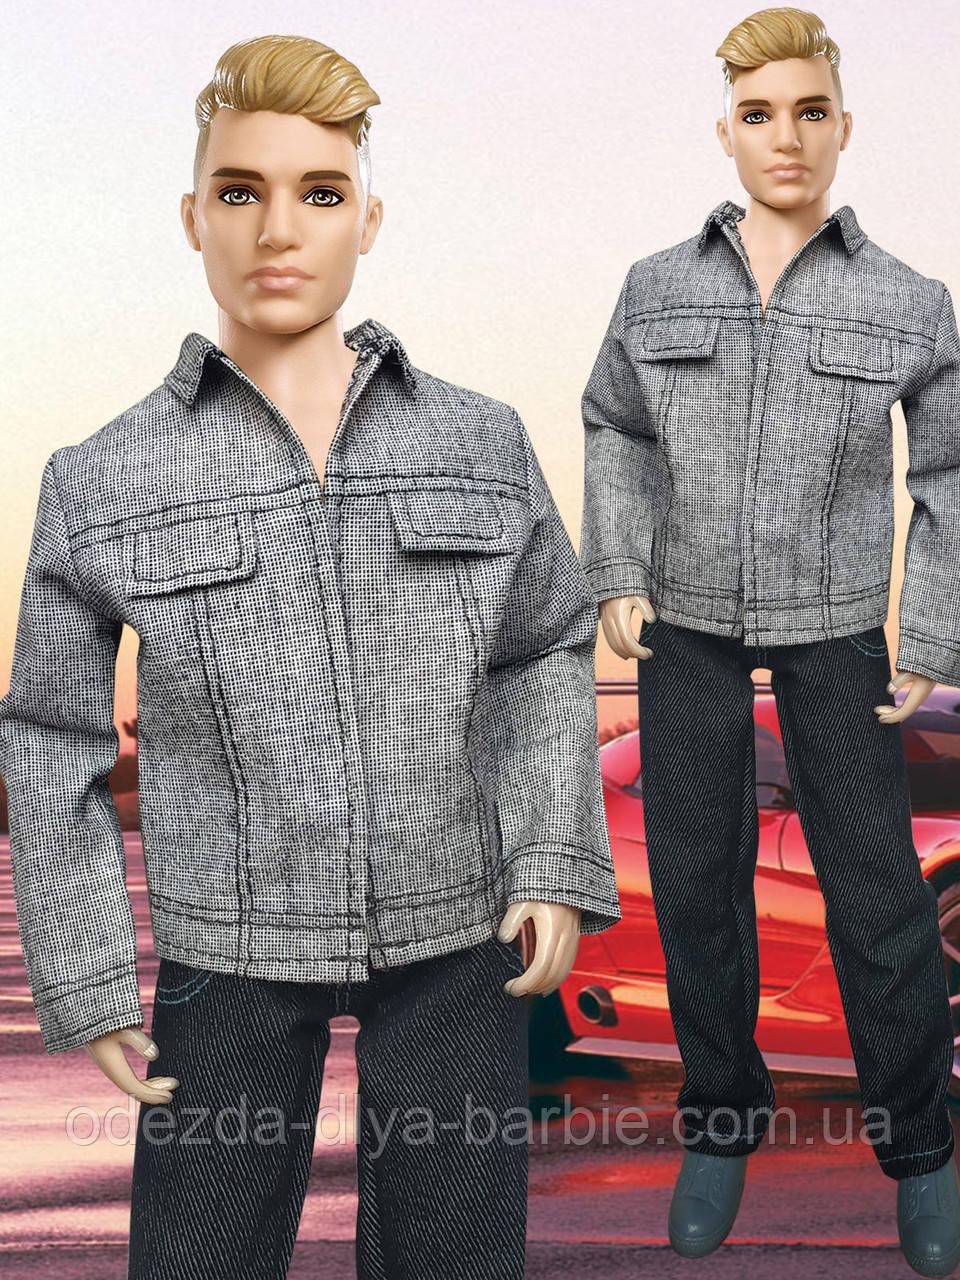 Одежда для Кена - курточка - ветровка